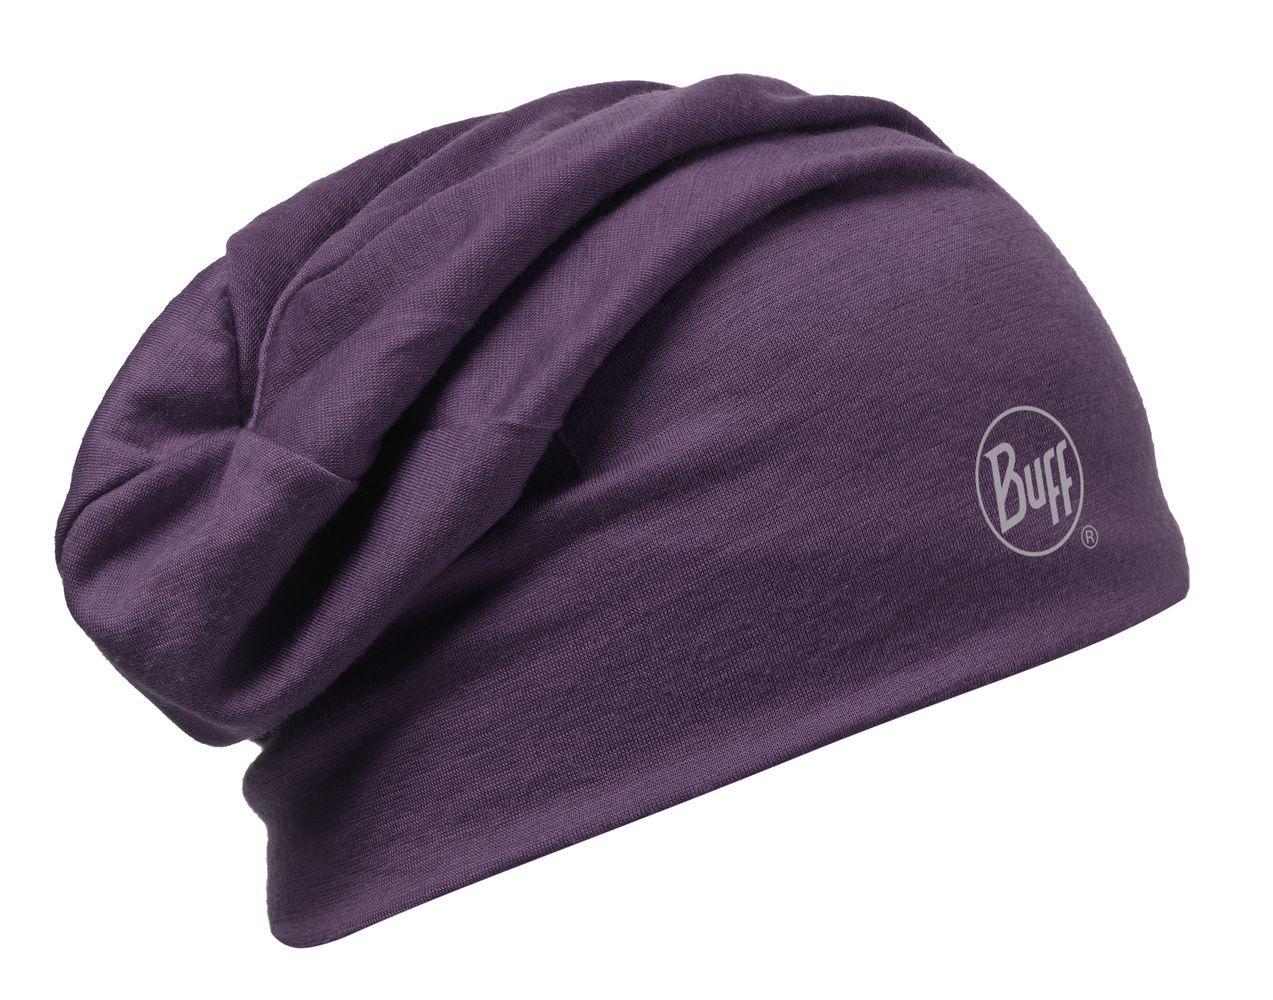 Купить Шапка BUFF WOOL SOLID PLUM Банданы и шарфы Buff ® 1169259